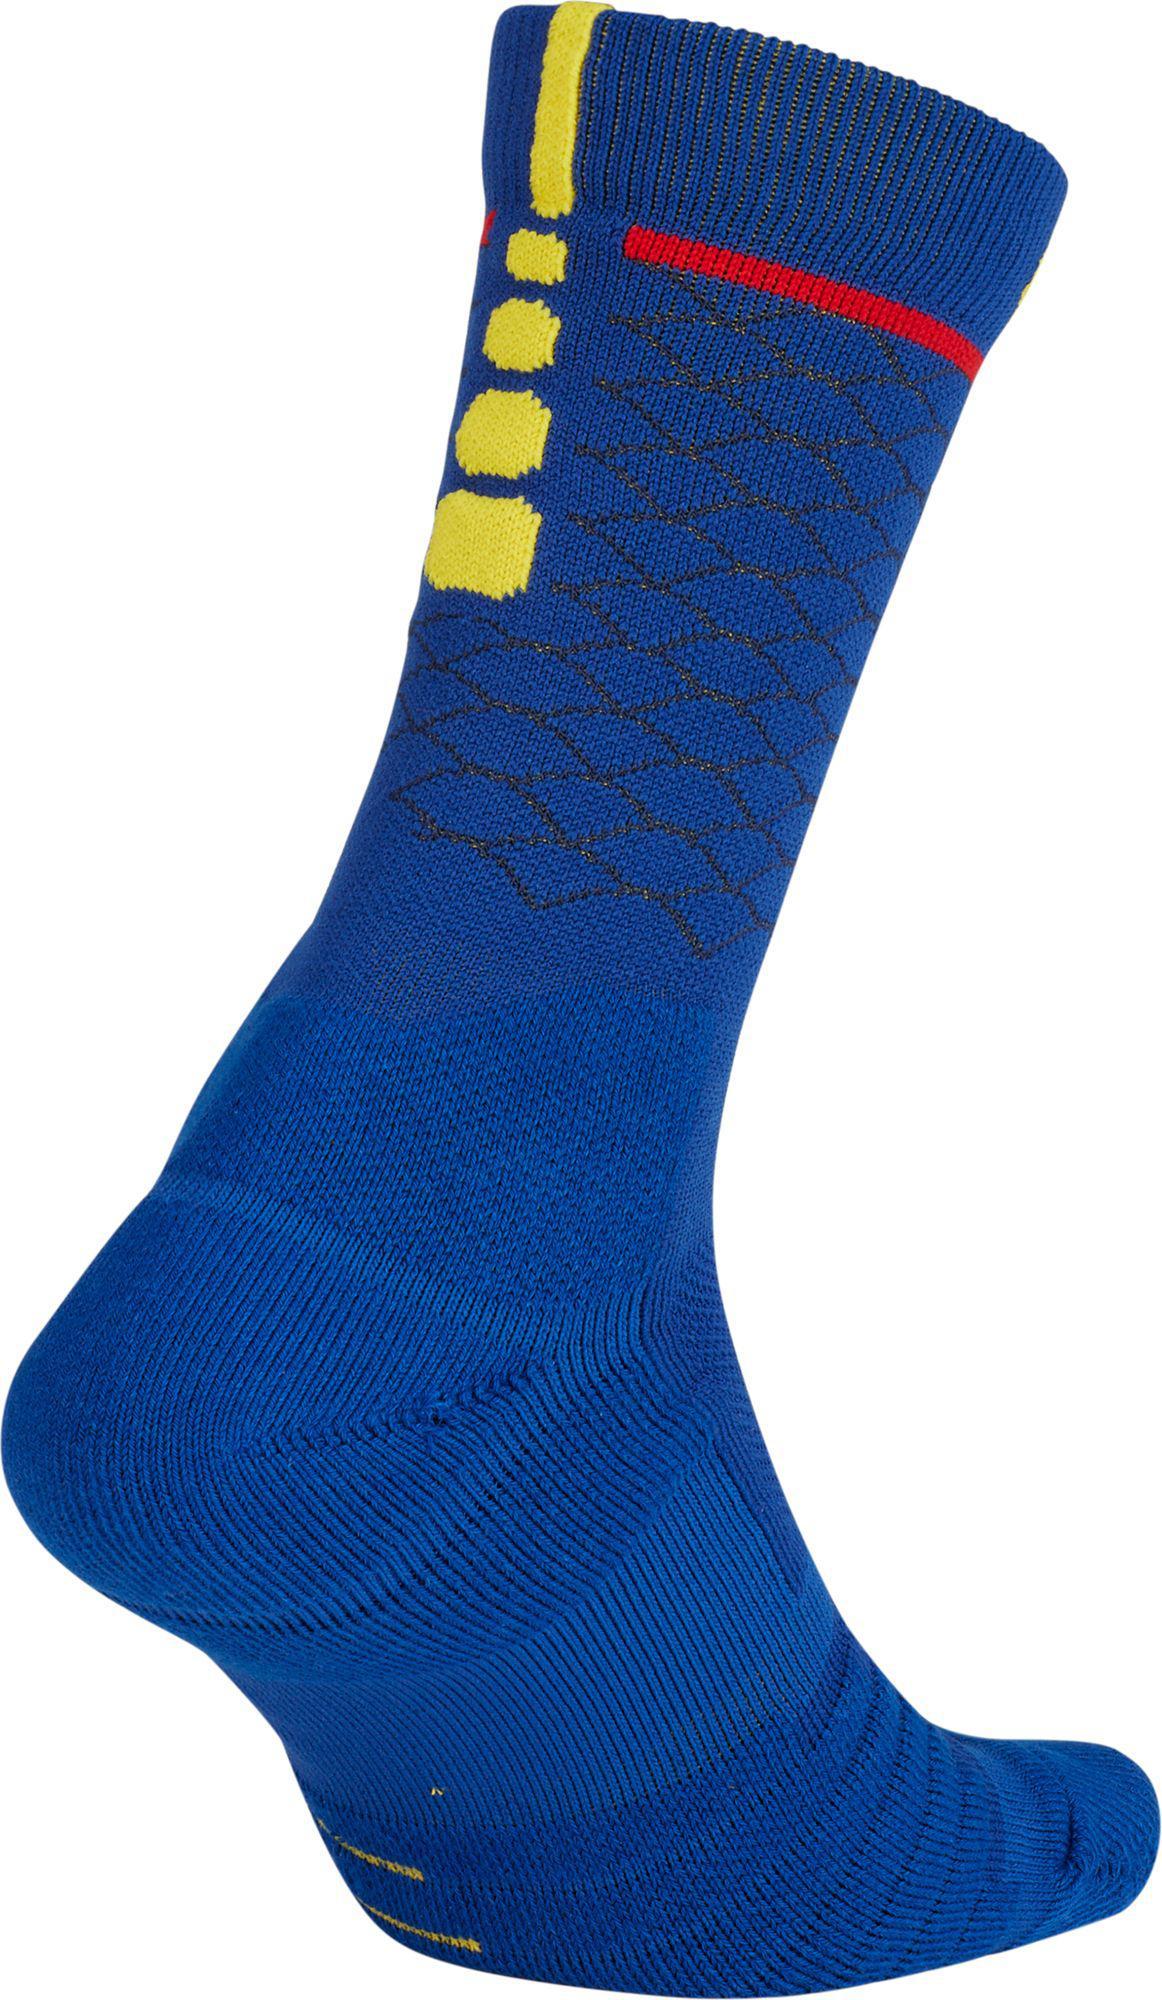 e7e6b9f1eab7 Lyst - Nike Golden State Warriors City Edition Elite Quick Nba Crew Socks  in Blue for Men